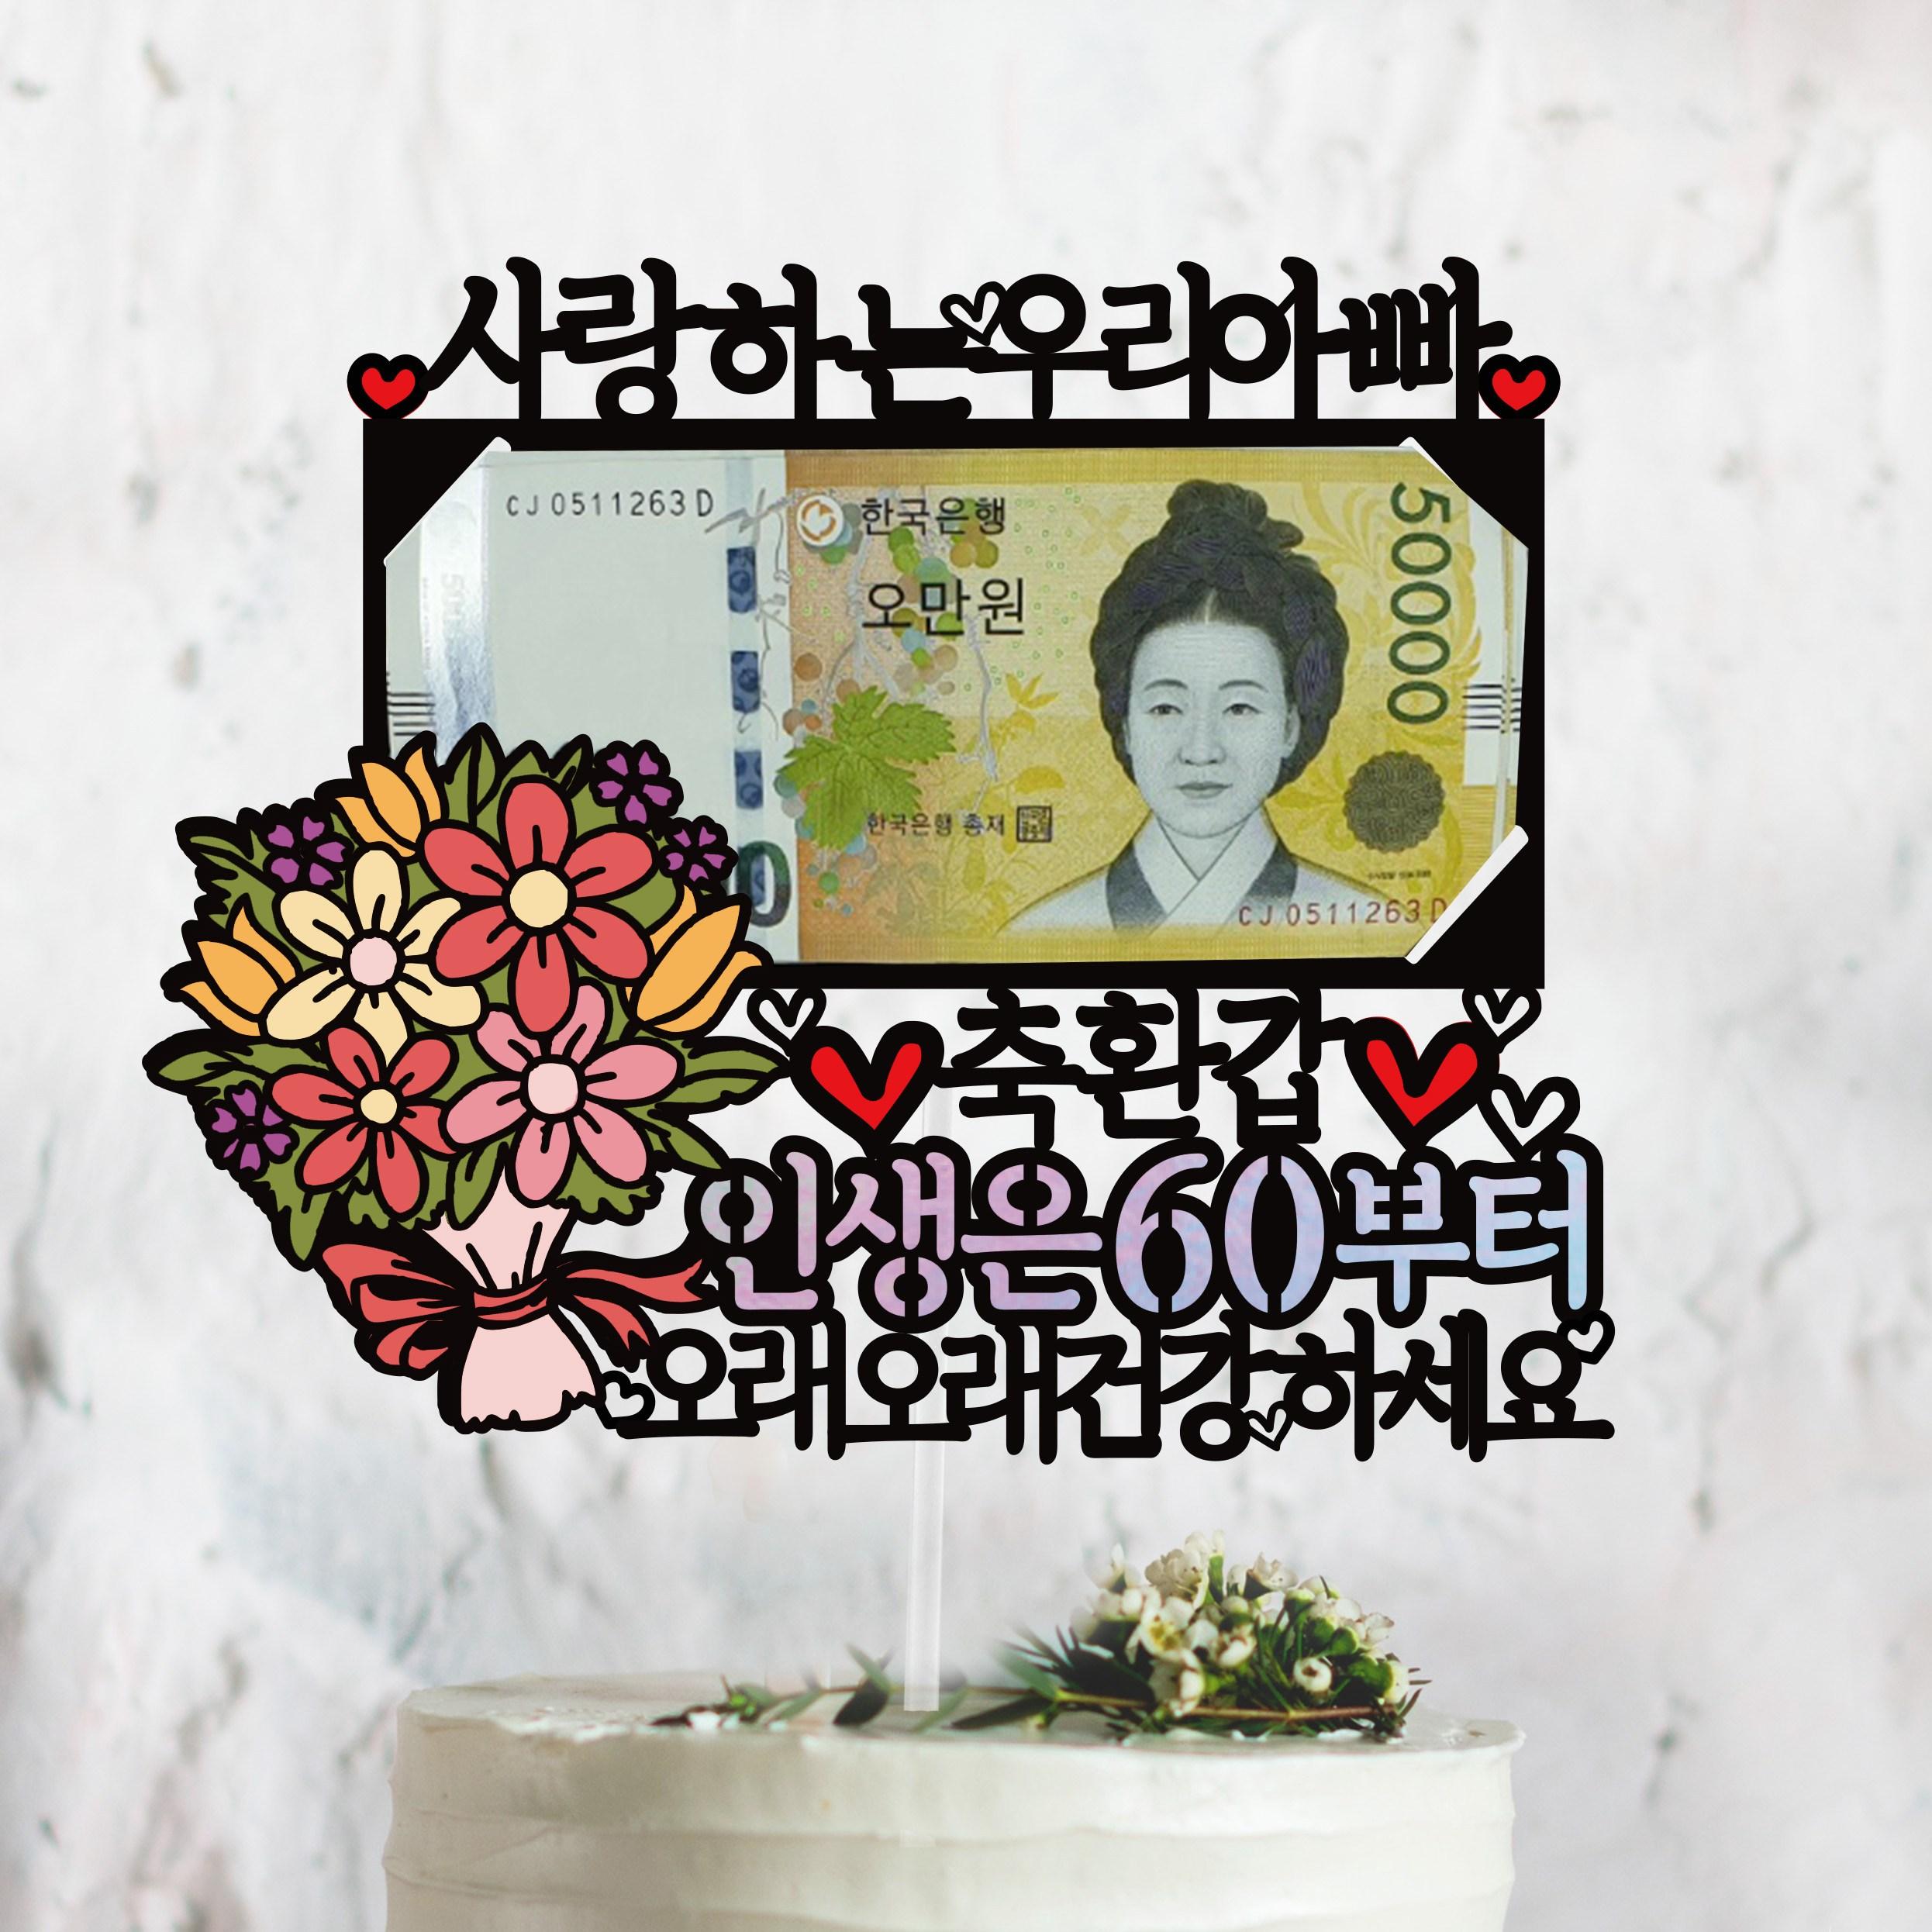 써봄토퍼 꽃다발 용돈토퍼[인생은-부터] 생신 환갑 생일 어버이날 케이크토퍼, 축환갑-인생은60부터